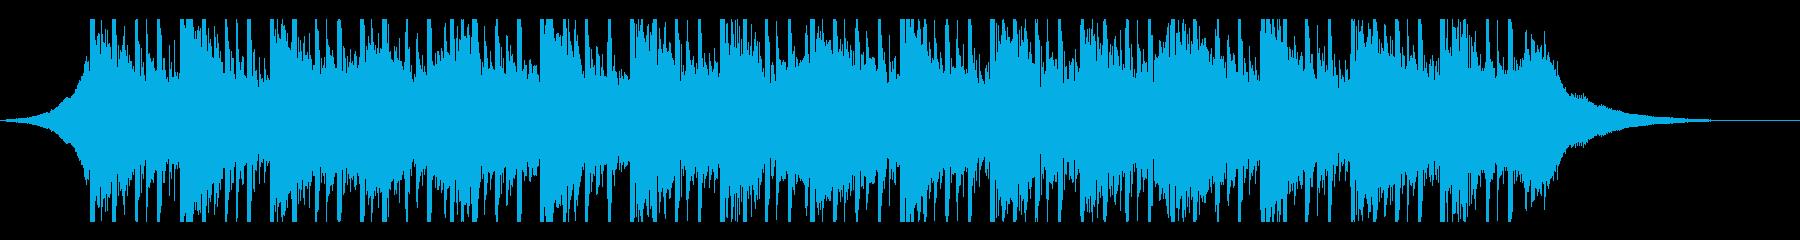 深刻なビジネス(40秒)の再生済みの波形